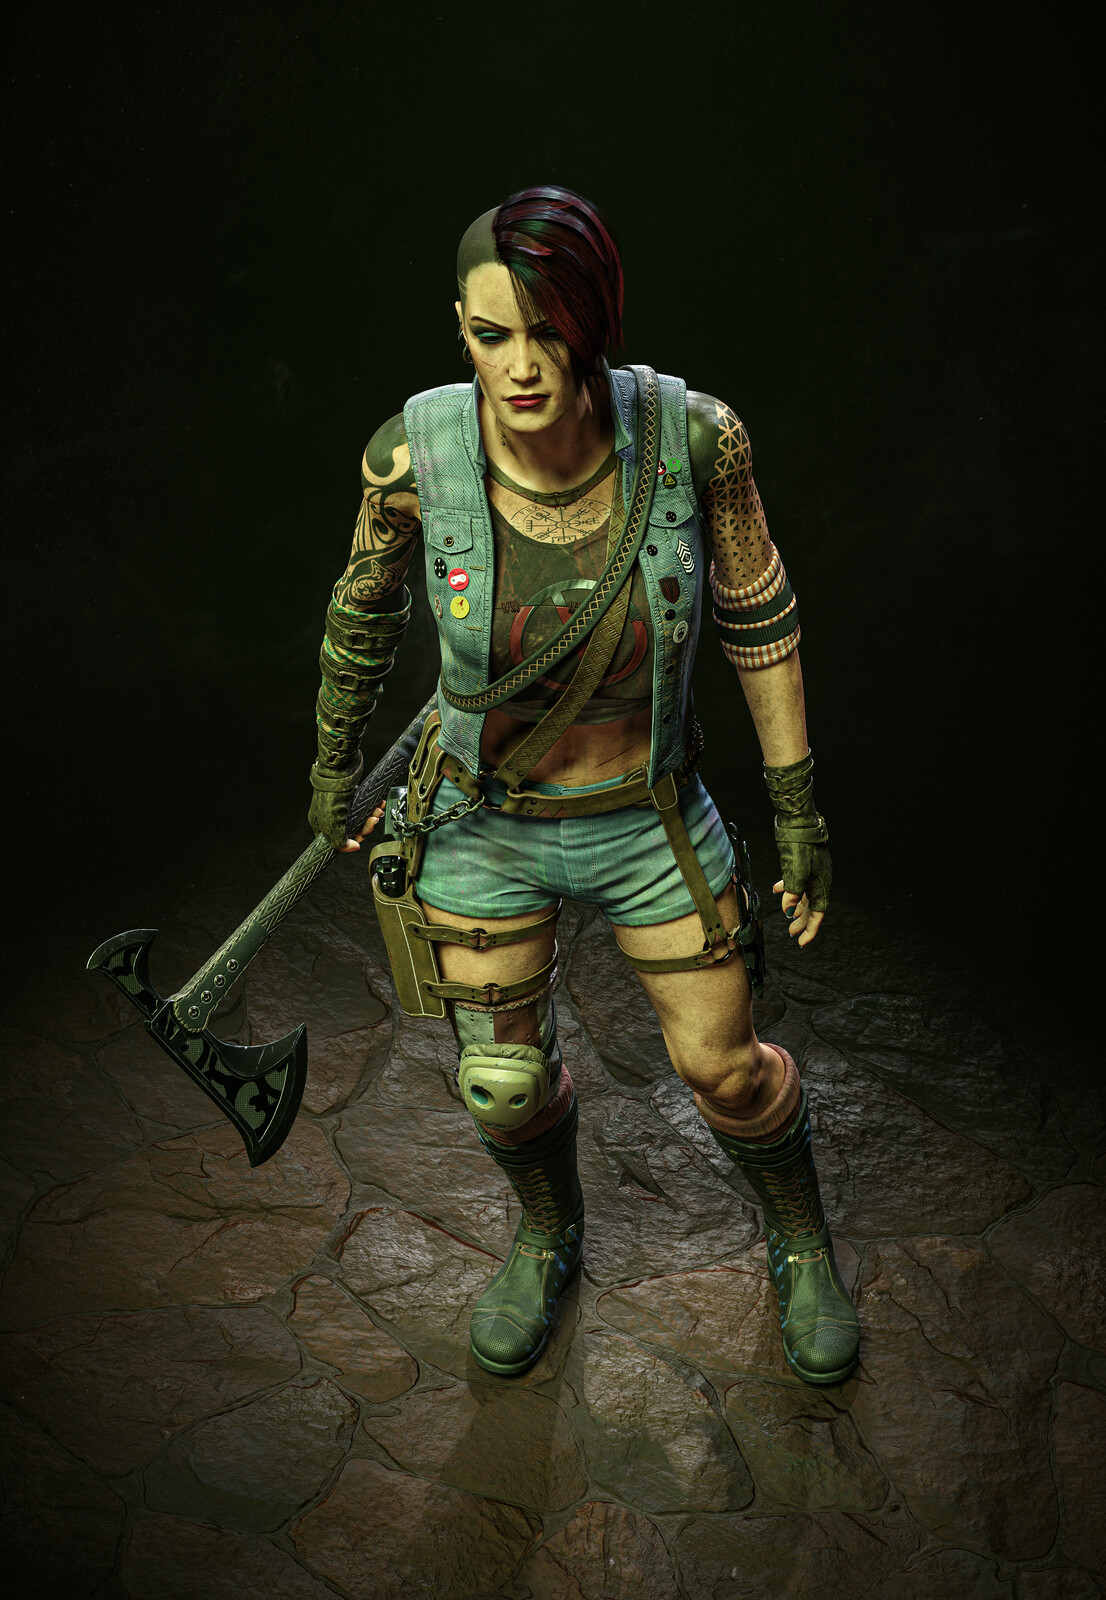 Aurora Character Art for SABOTAJ MMO FPS Game